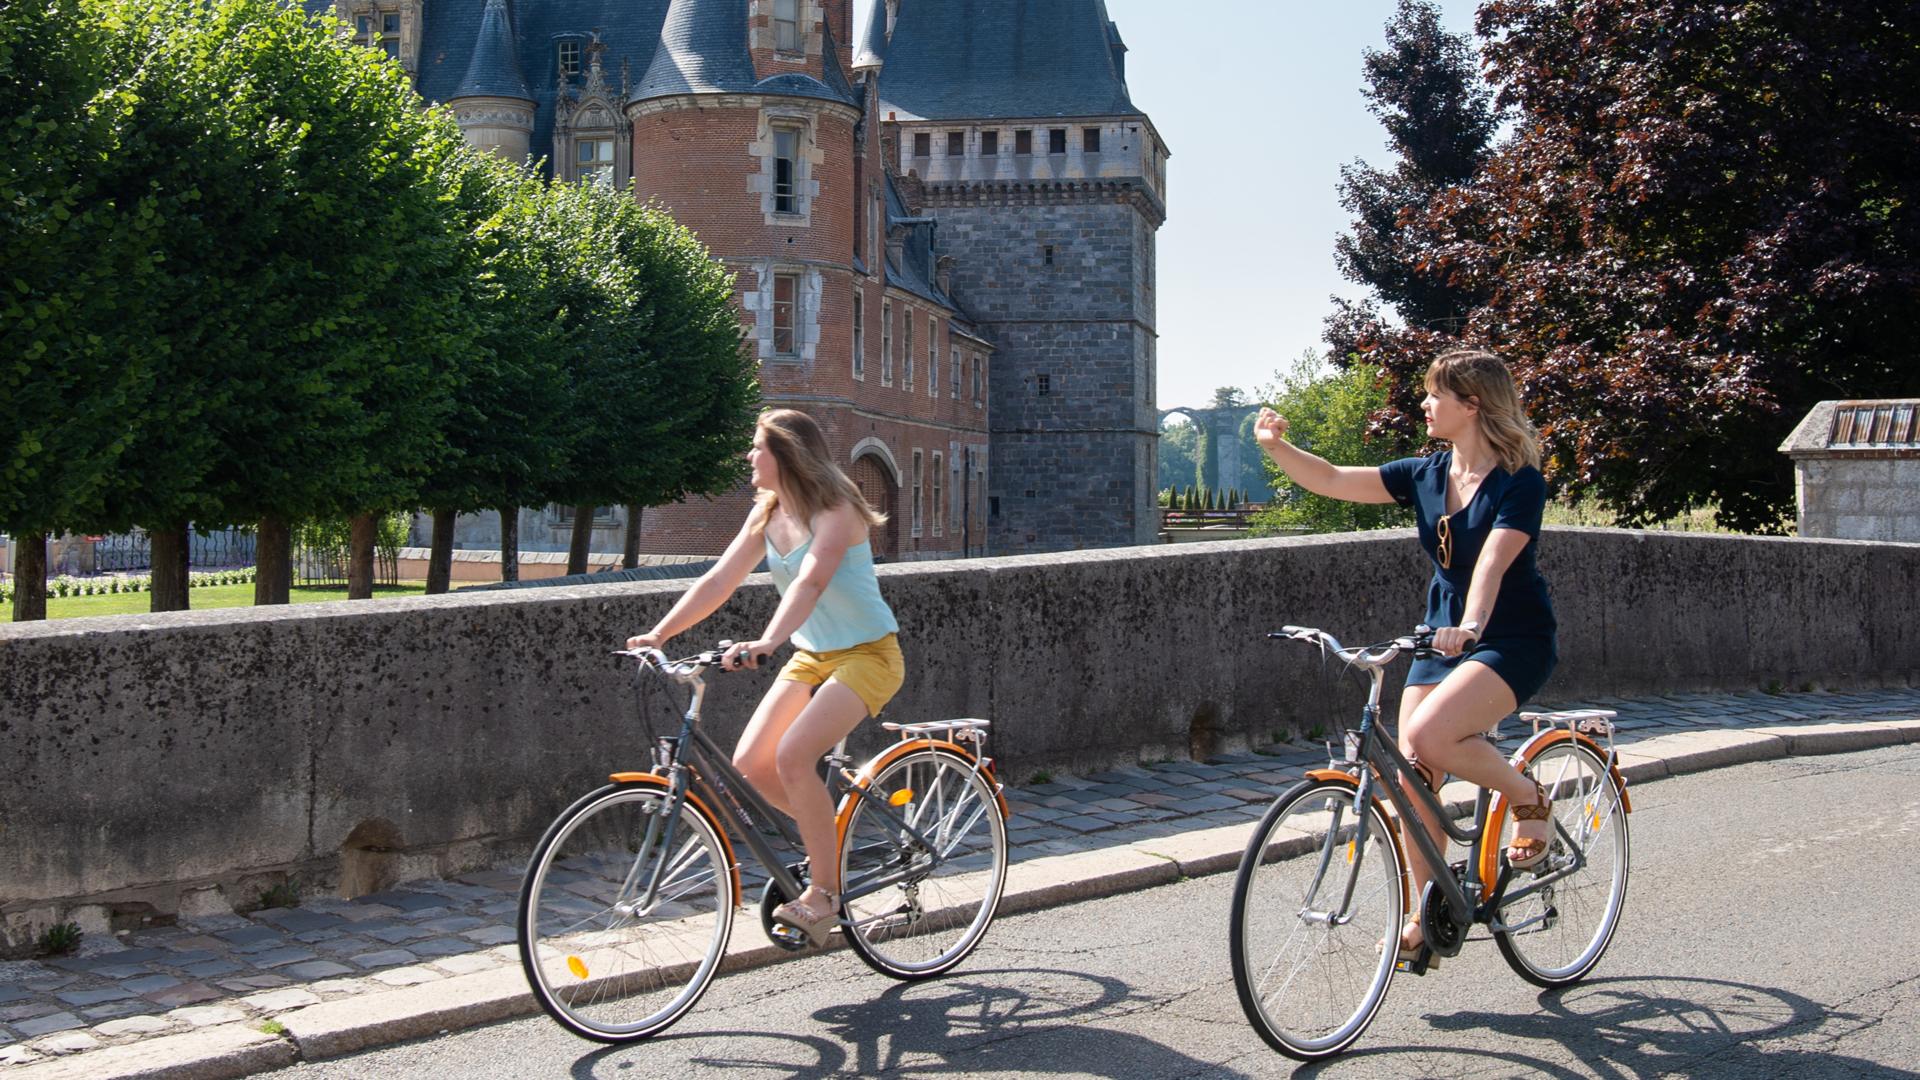 Balade à vélo proche du château de Maintenon